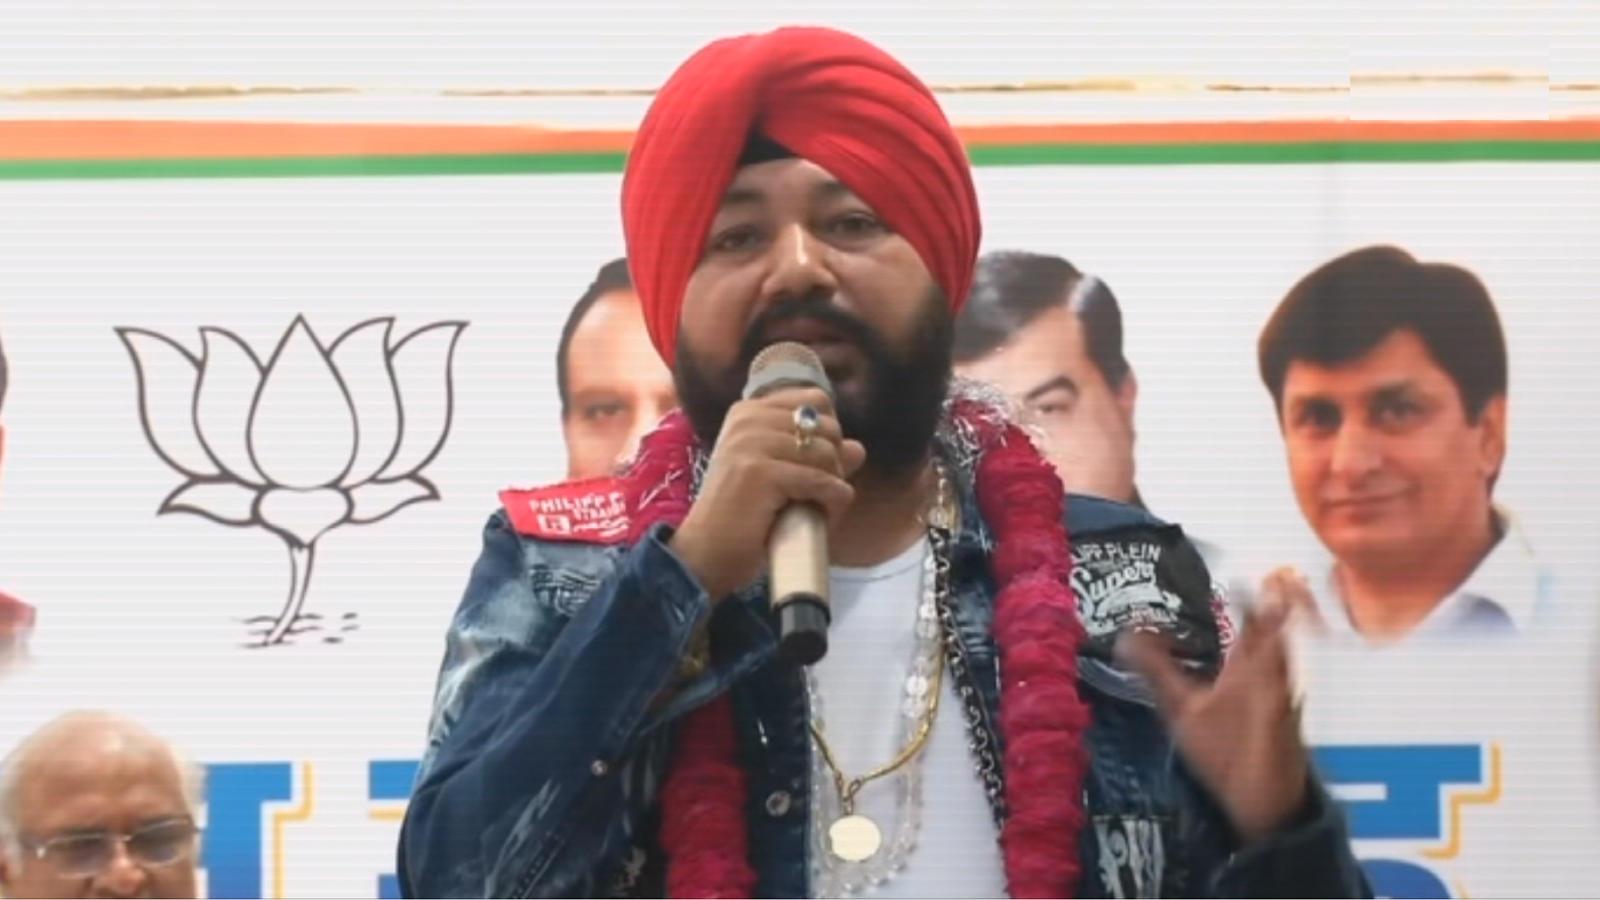 after-sunny-deol-singer-daler-mehndi-joins-bjp-in-delhi